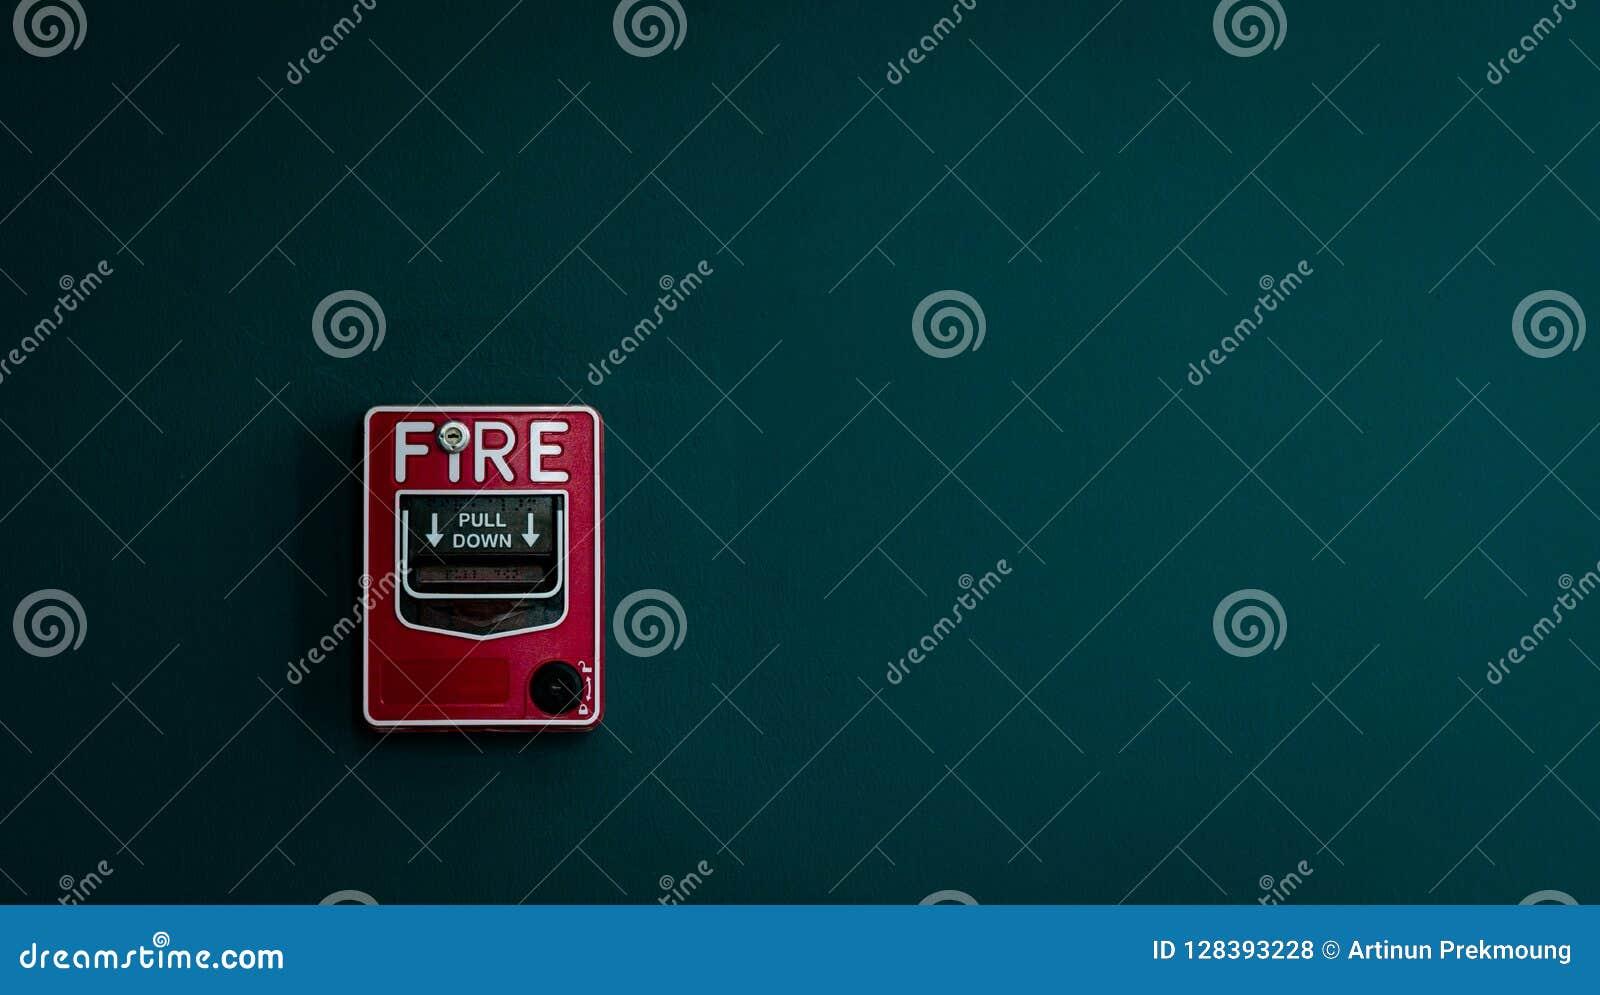 在深绿混凝土墙上的火警 警告和保安系统 安全戒备的事故设备 红色箱子火警